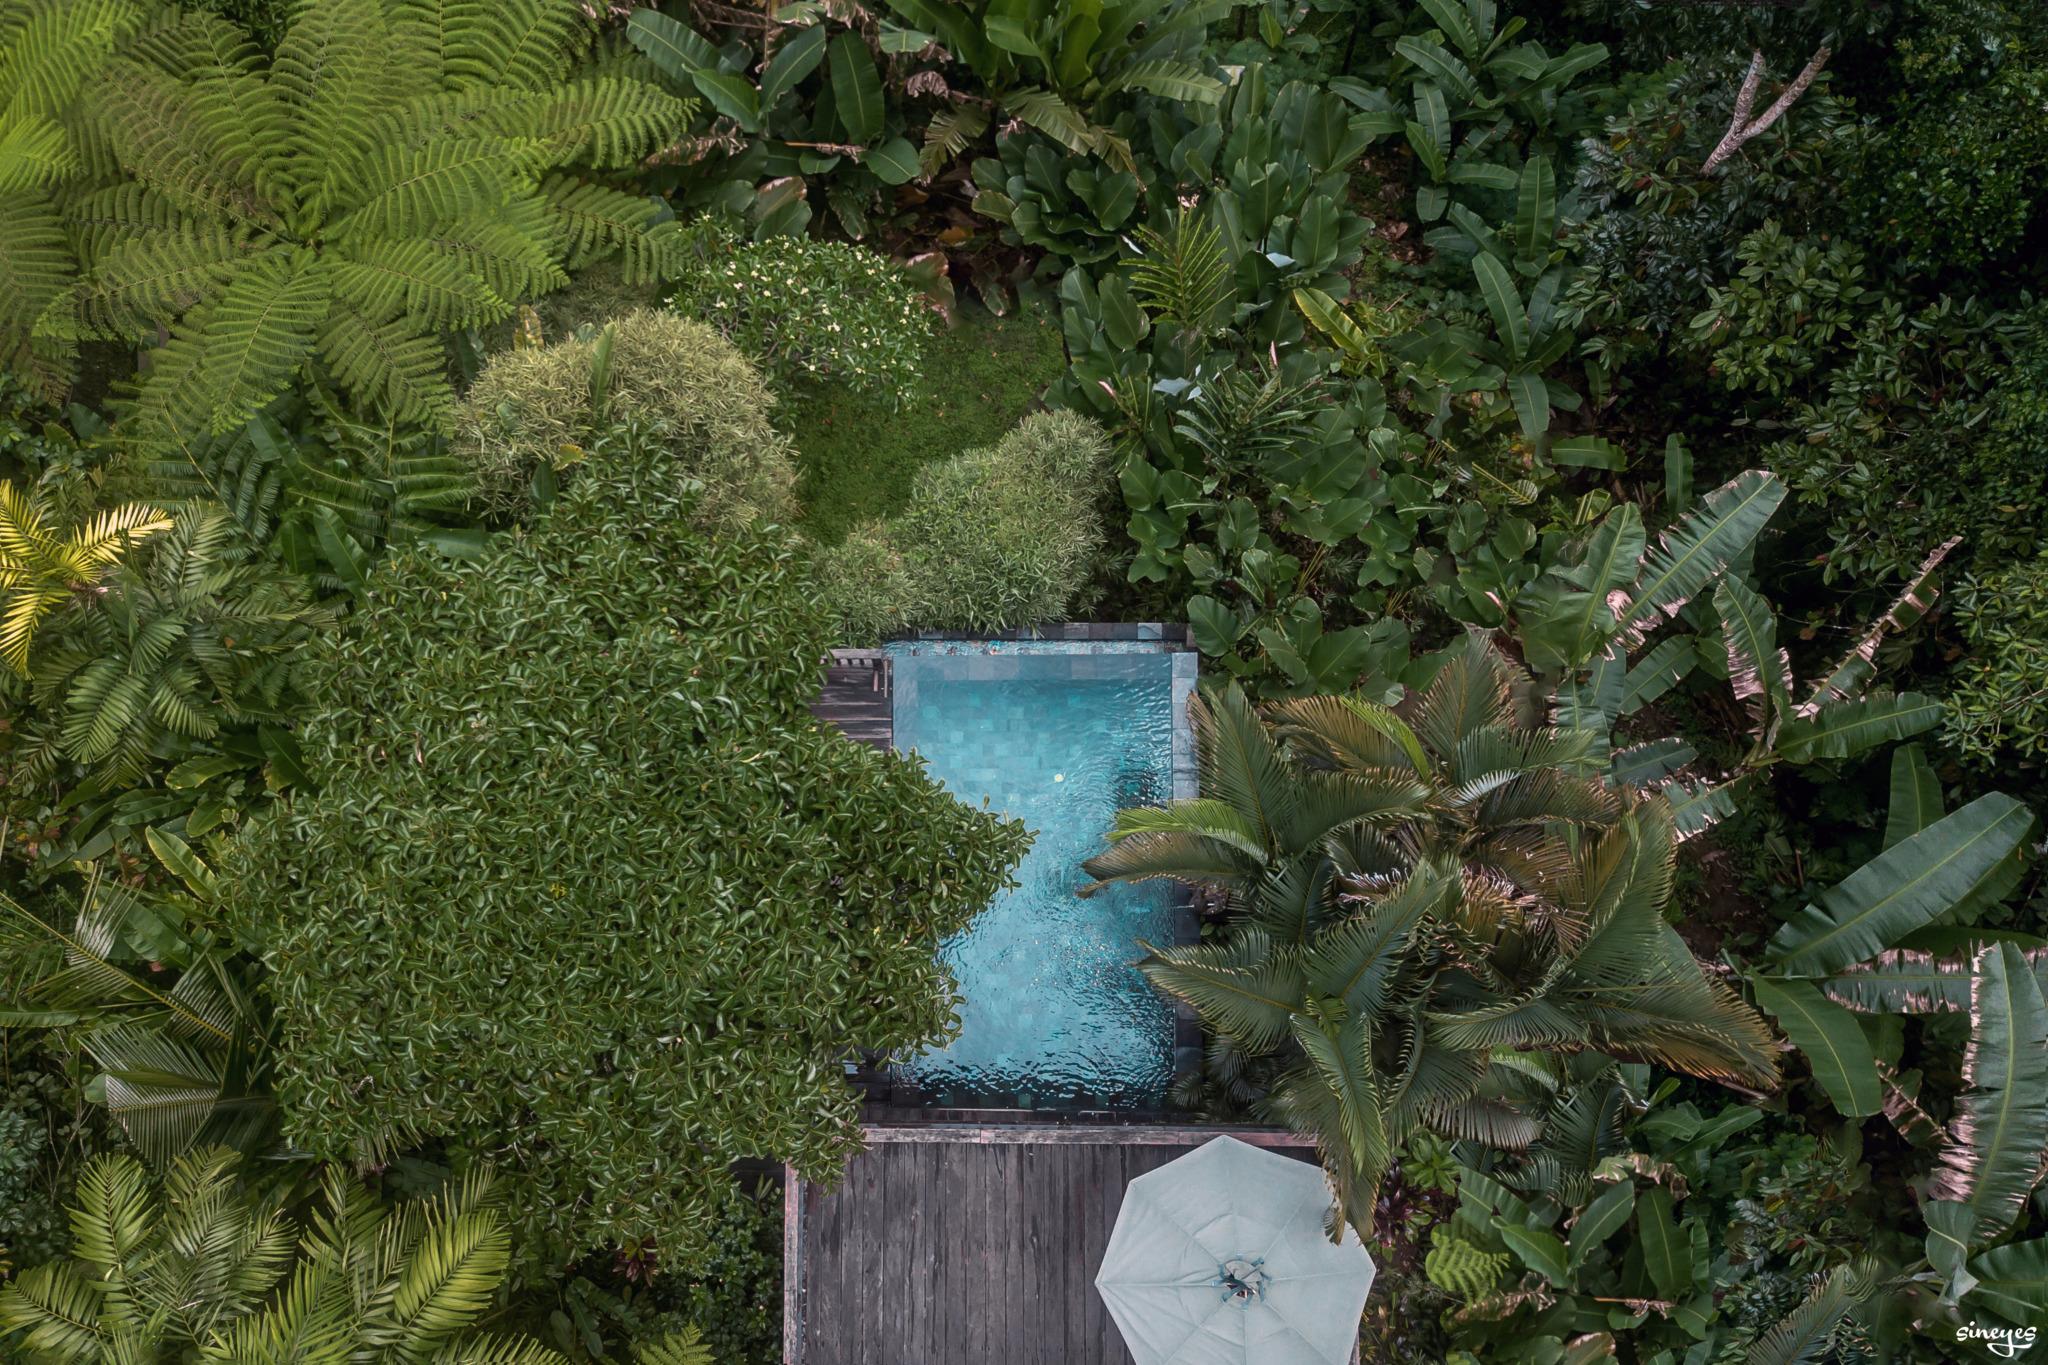 Infinite jungle pool by sineyes